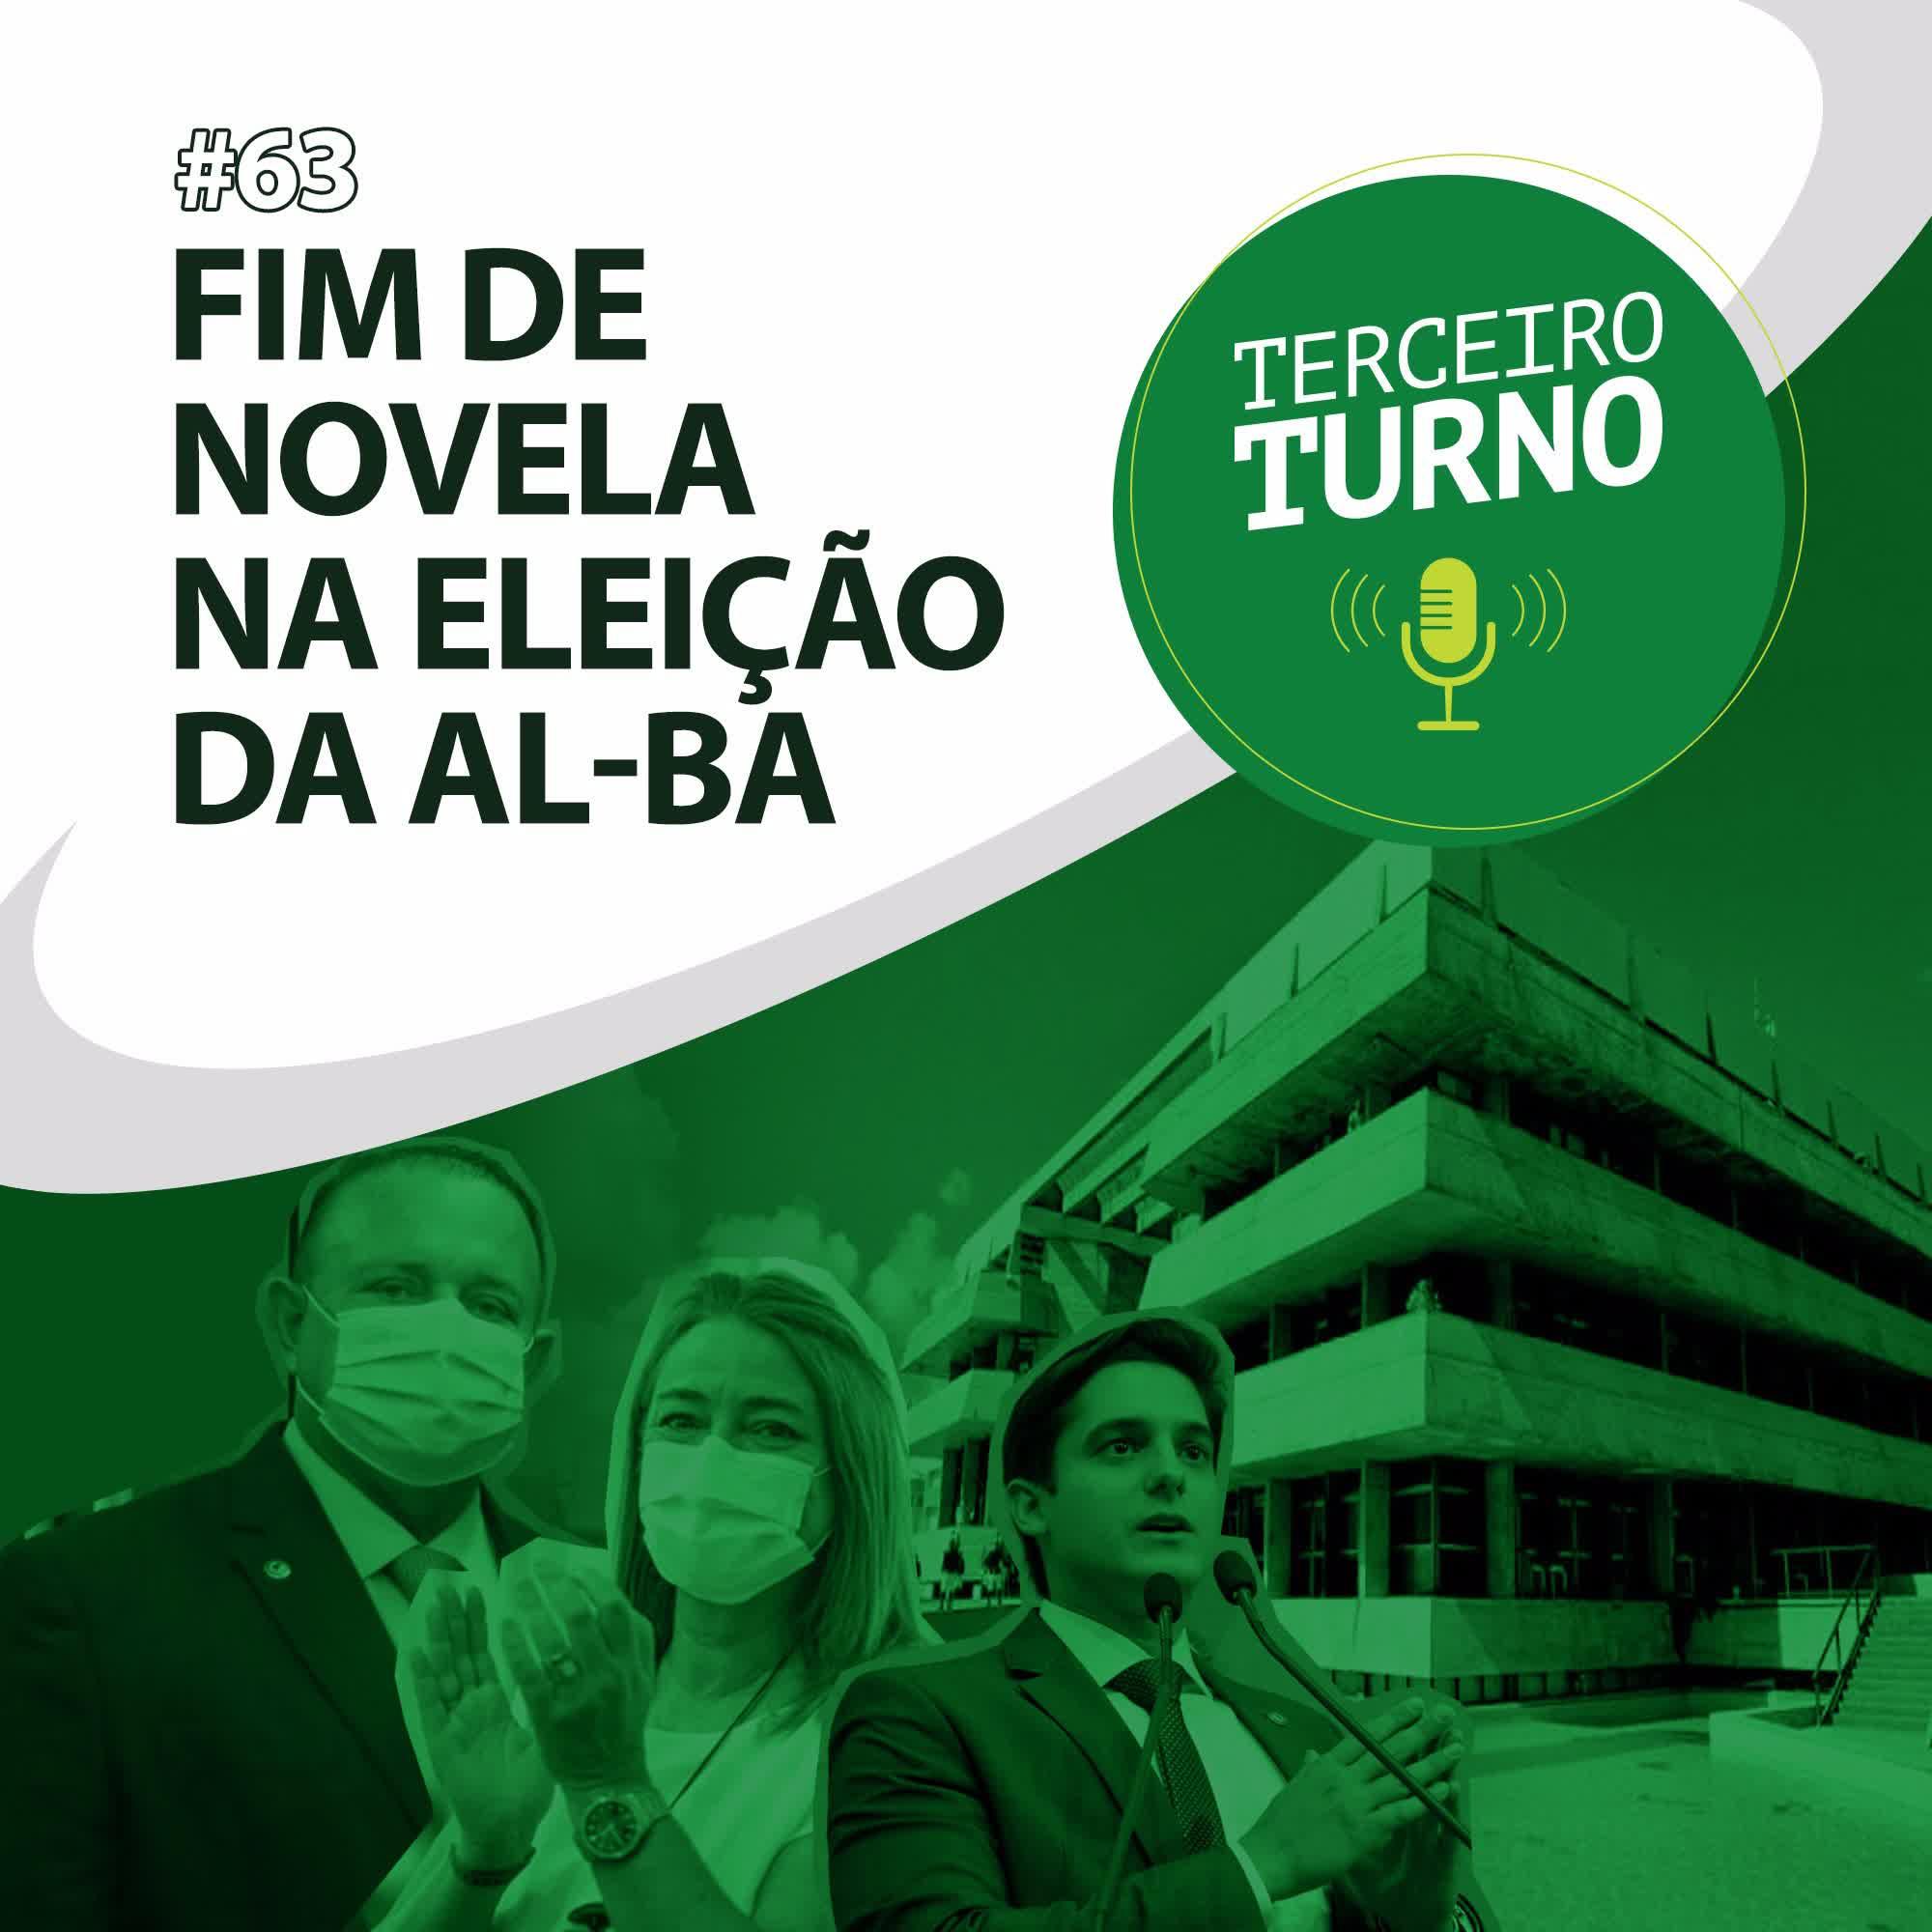 Terceiro Turno #63: Fim de novela na eleição da AL-BA